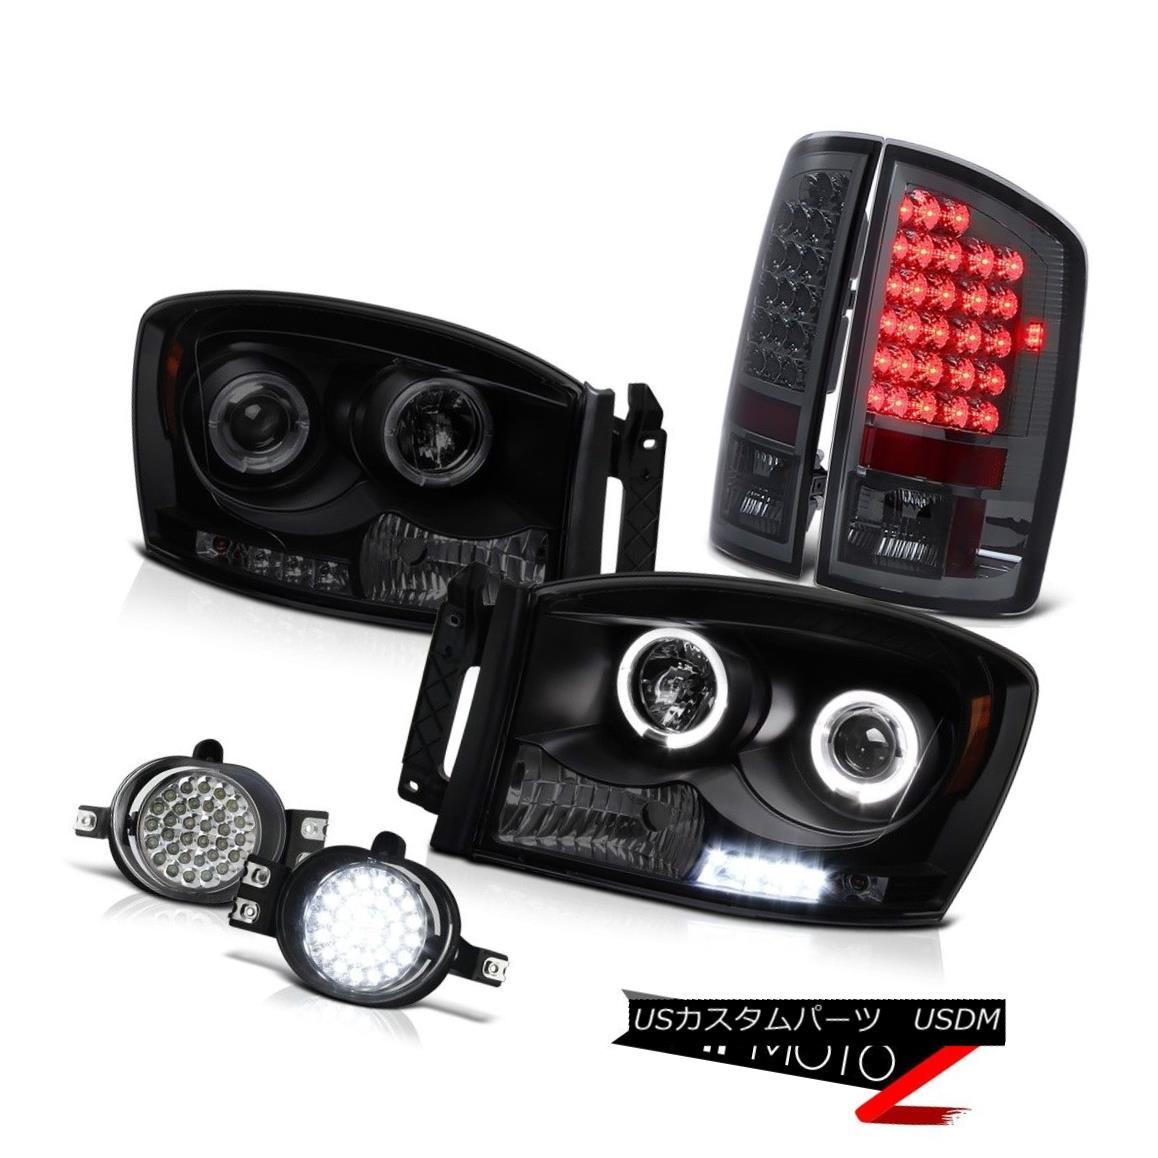 テールライト Halo Ring LED Headlights Signal Brake Tail Lights LED Fog Ram Turbo Diesel 07 08 Halo Ring LEDヘッドライト信号ブレーキテールライトLED Fog Ramターボディーゼル07 08